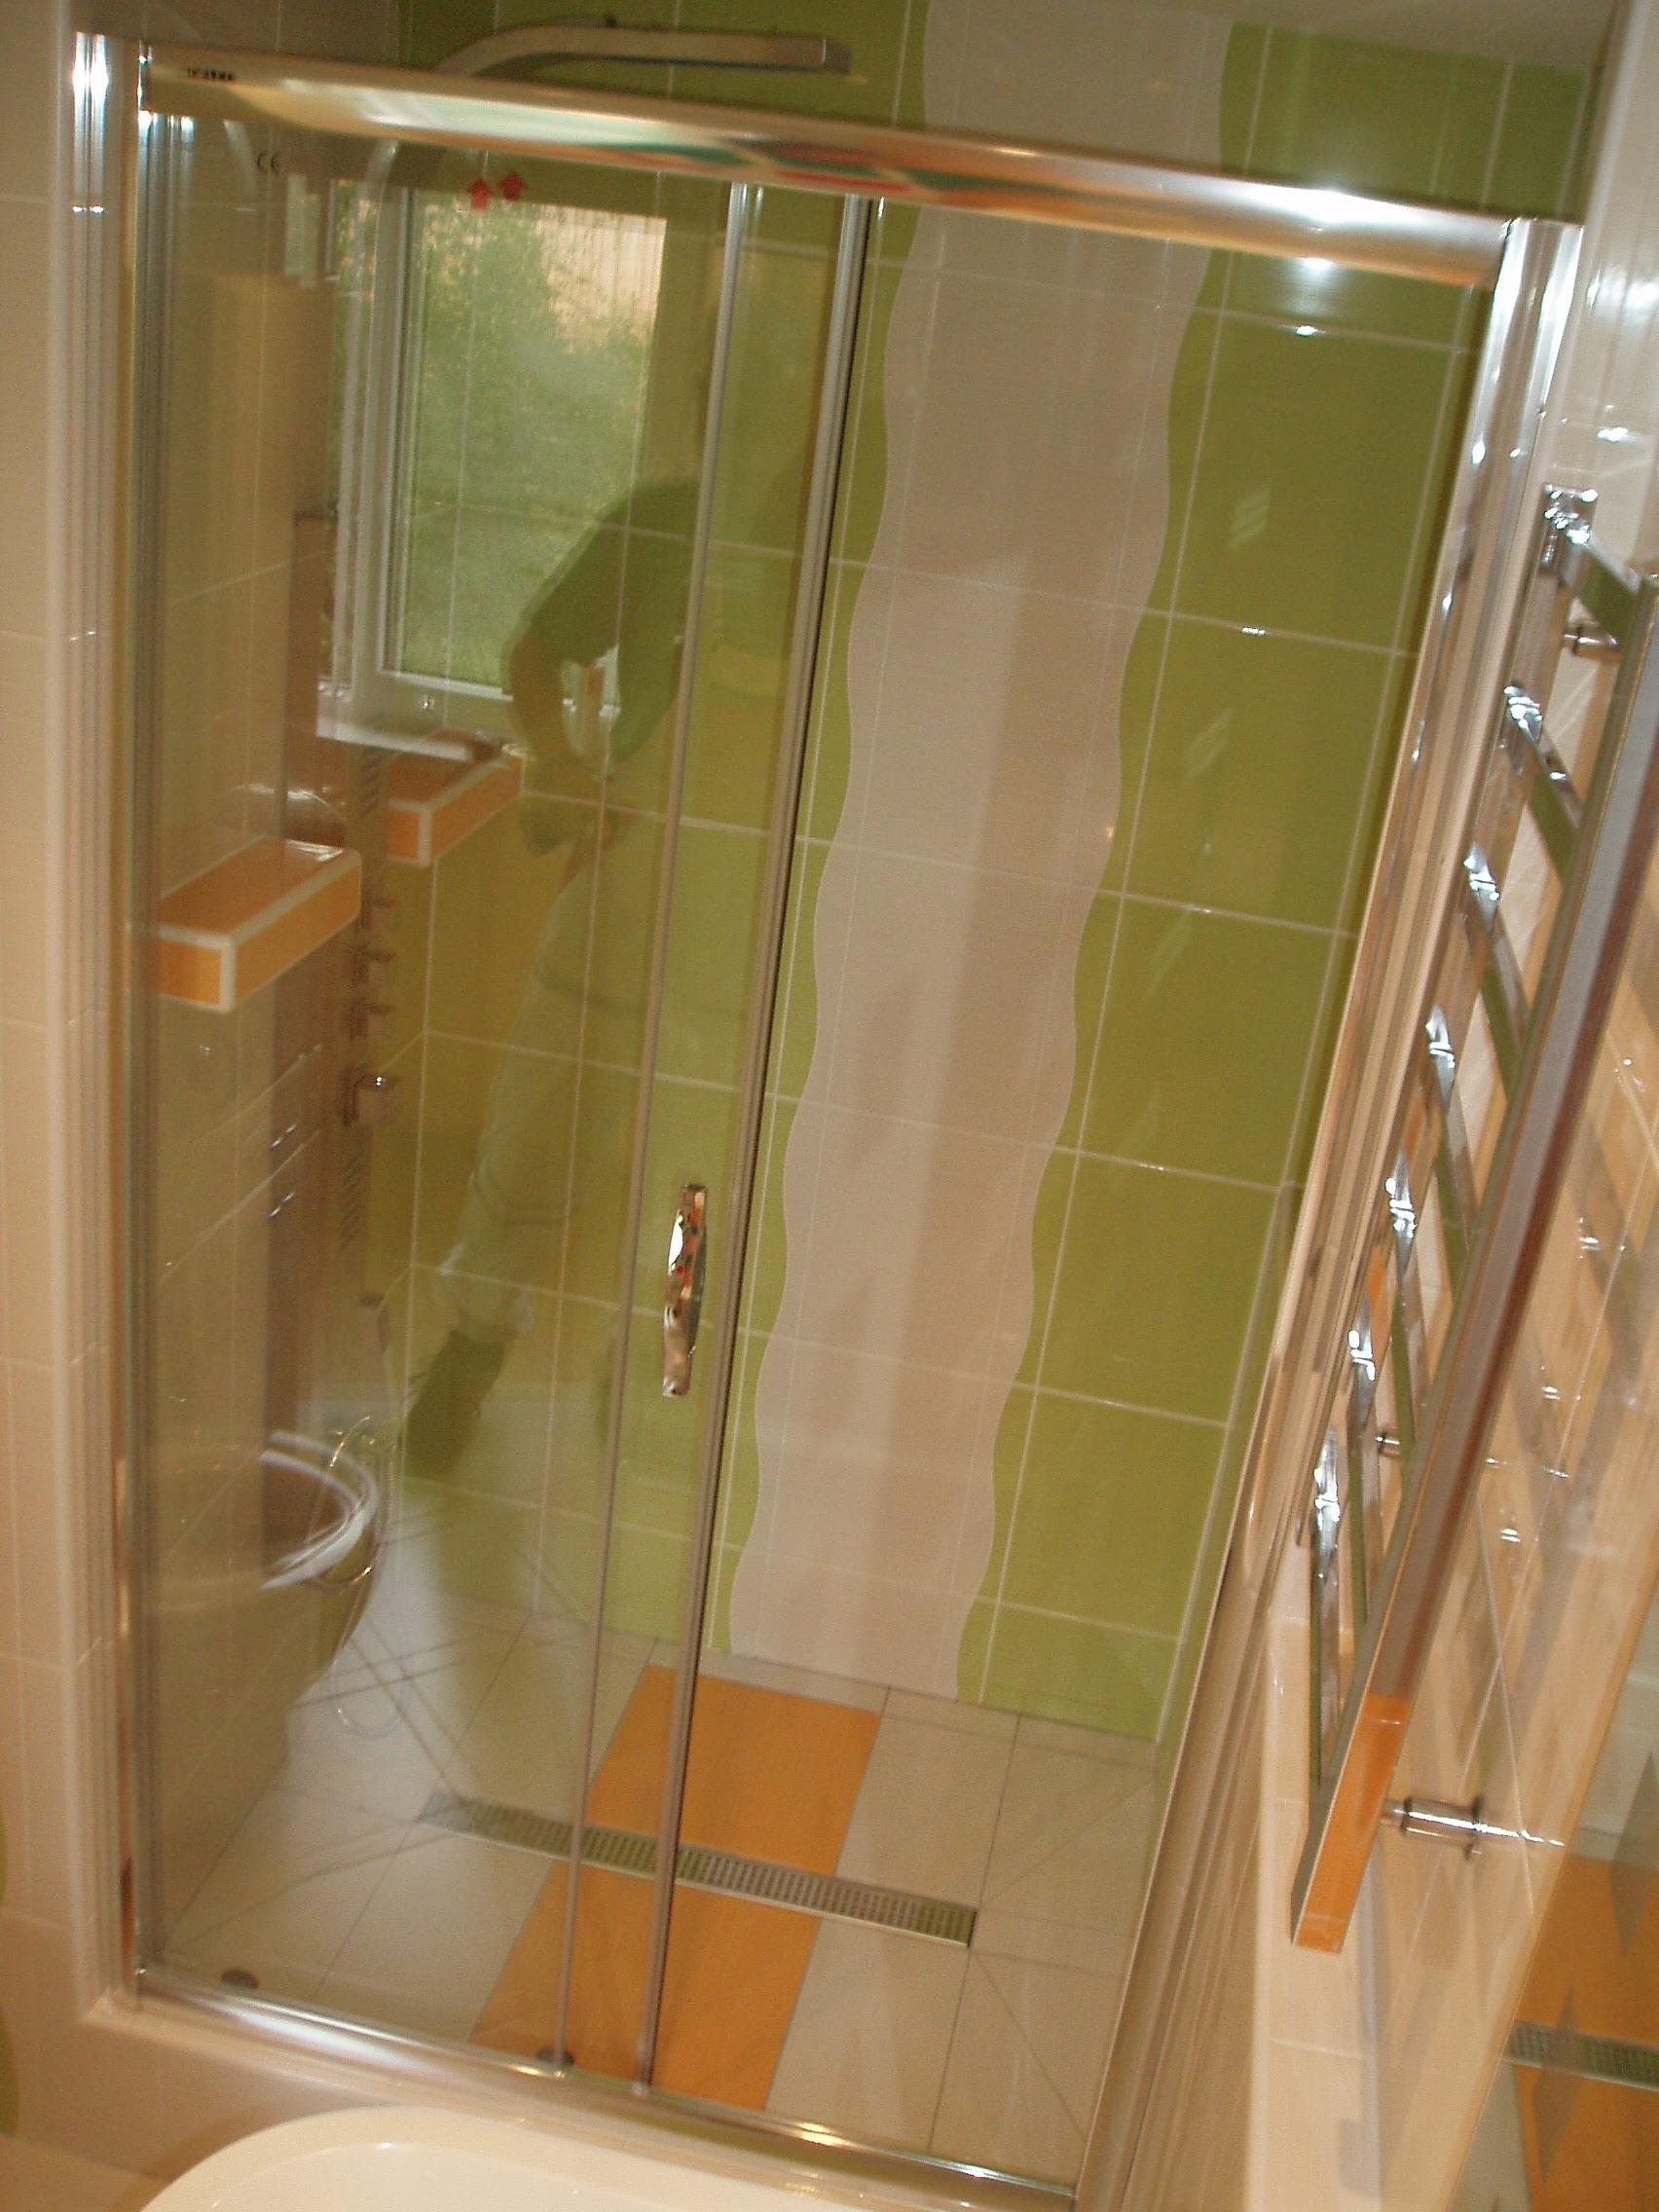 Rekonstrukce bytových jader, koupelen Chodov, Sokolov, Karlovy Vary